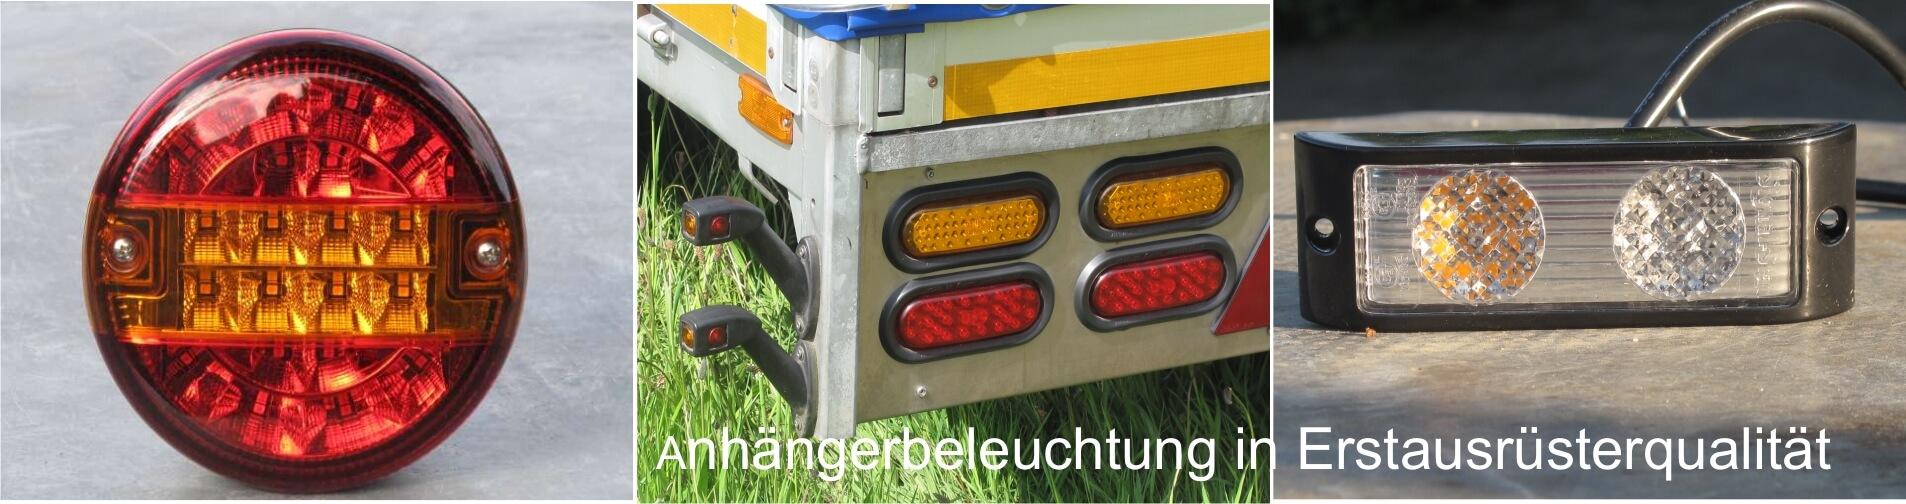 kfz-elektrik-uphoff.de - Anhänger Rückleuchten